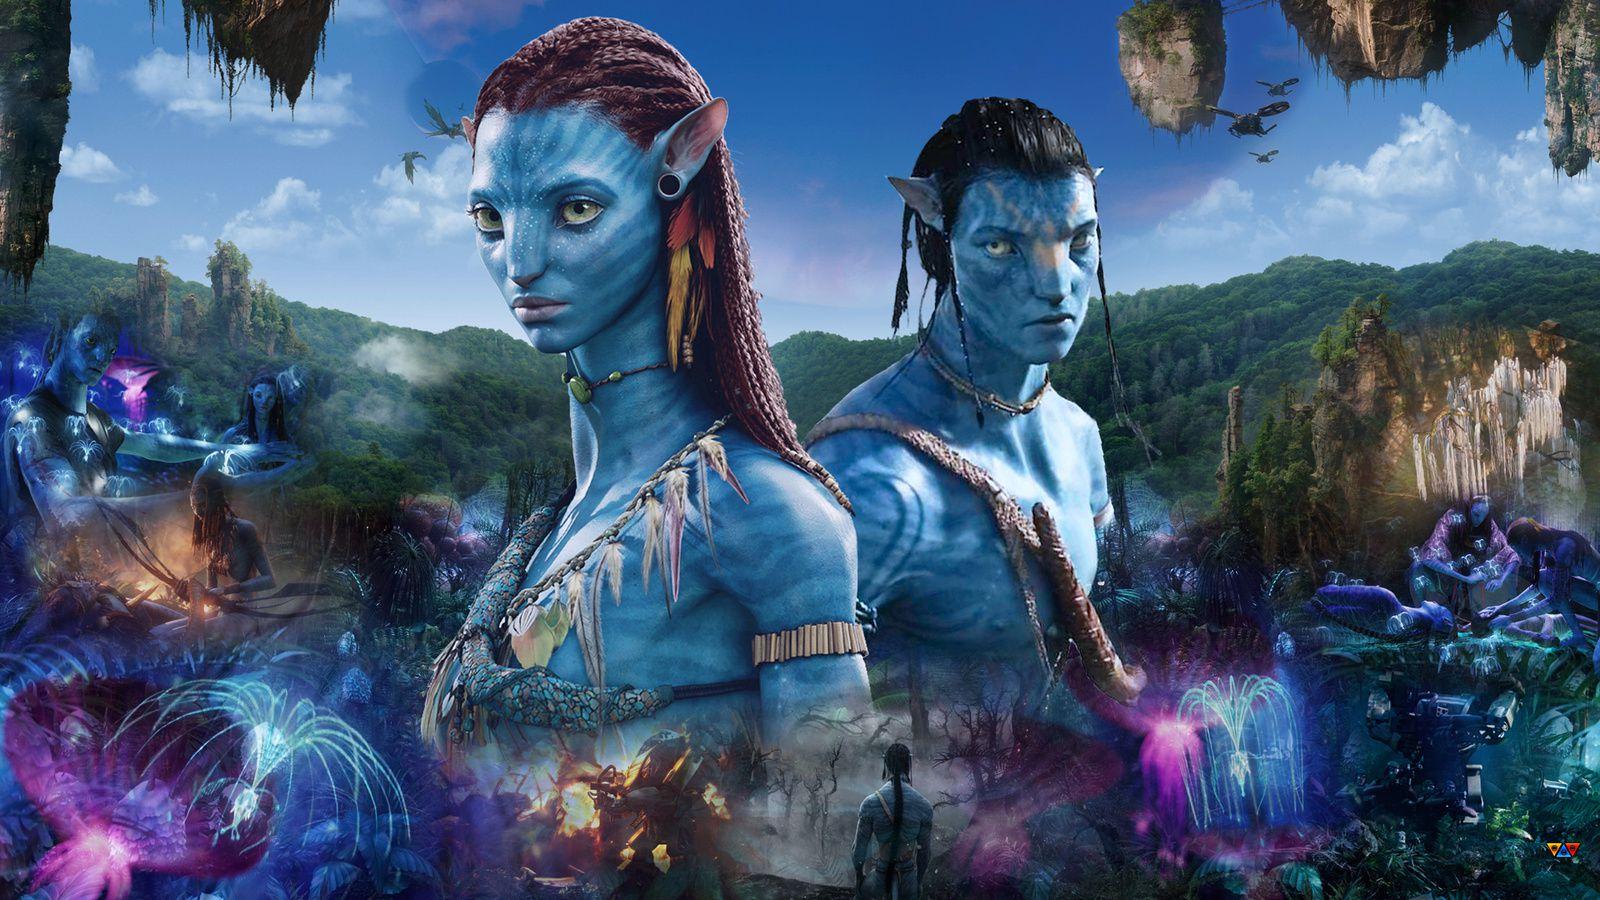 Le tournage d'Avatar 2 confirmé pour début 2017